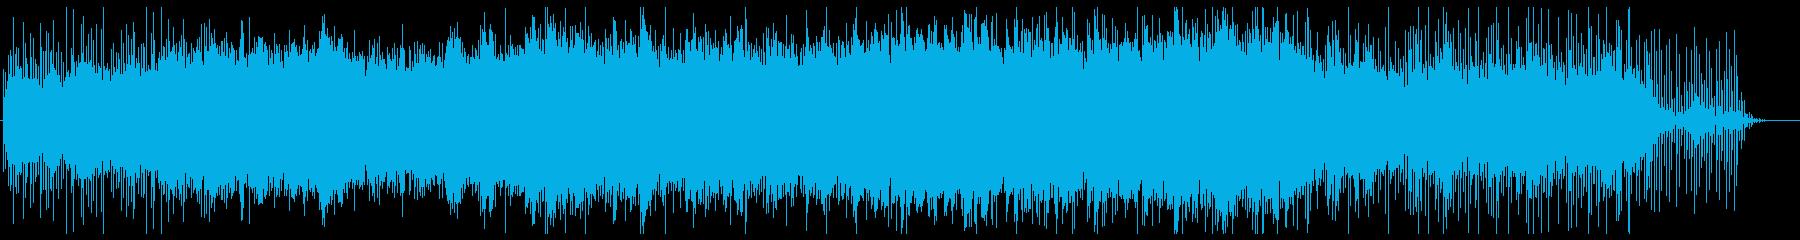 春へと移りゆく様子をイメージしたBGMの再生済みの波形